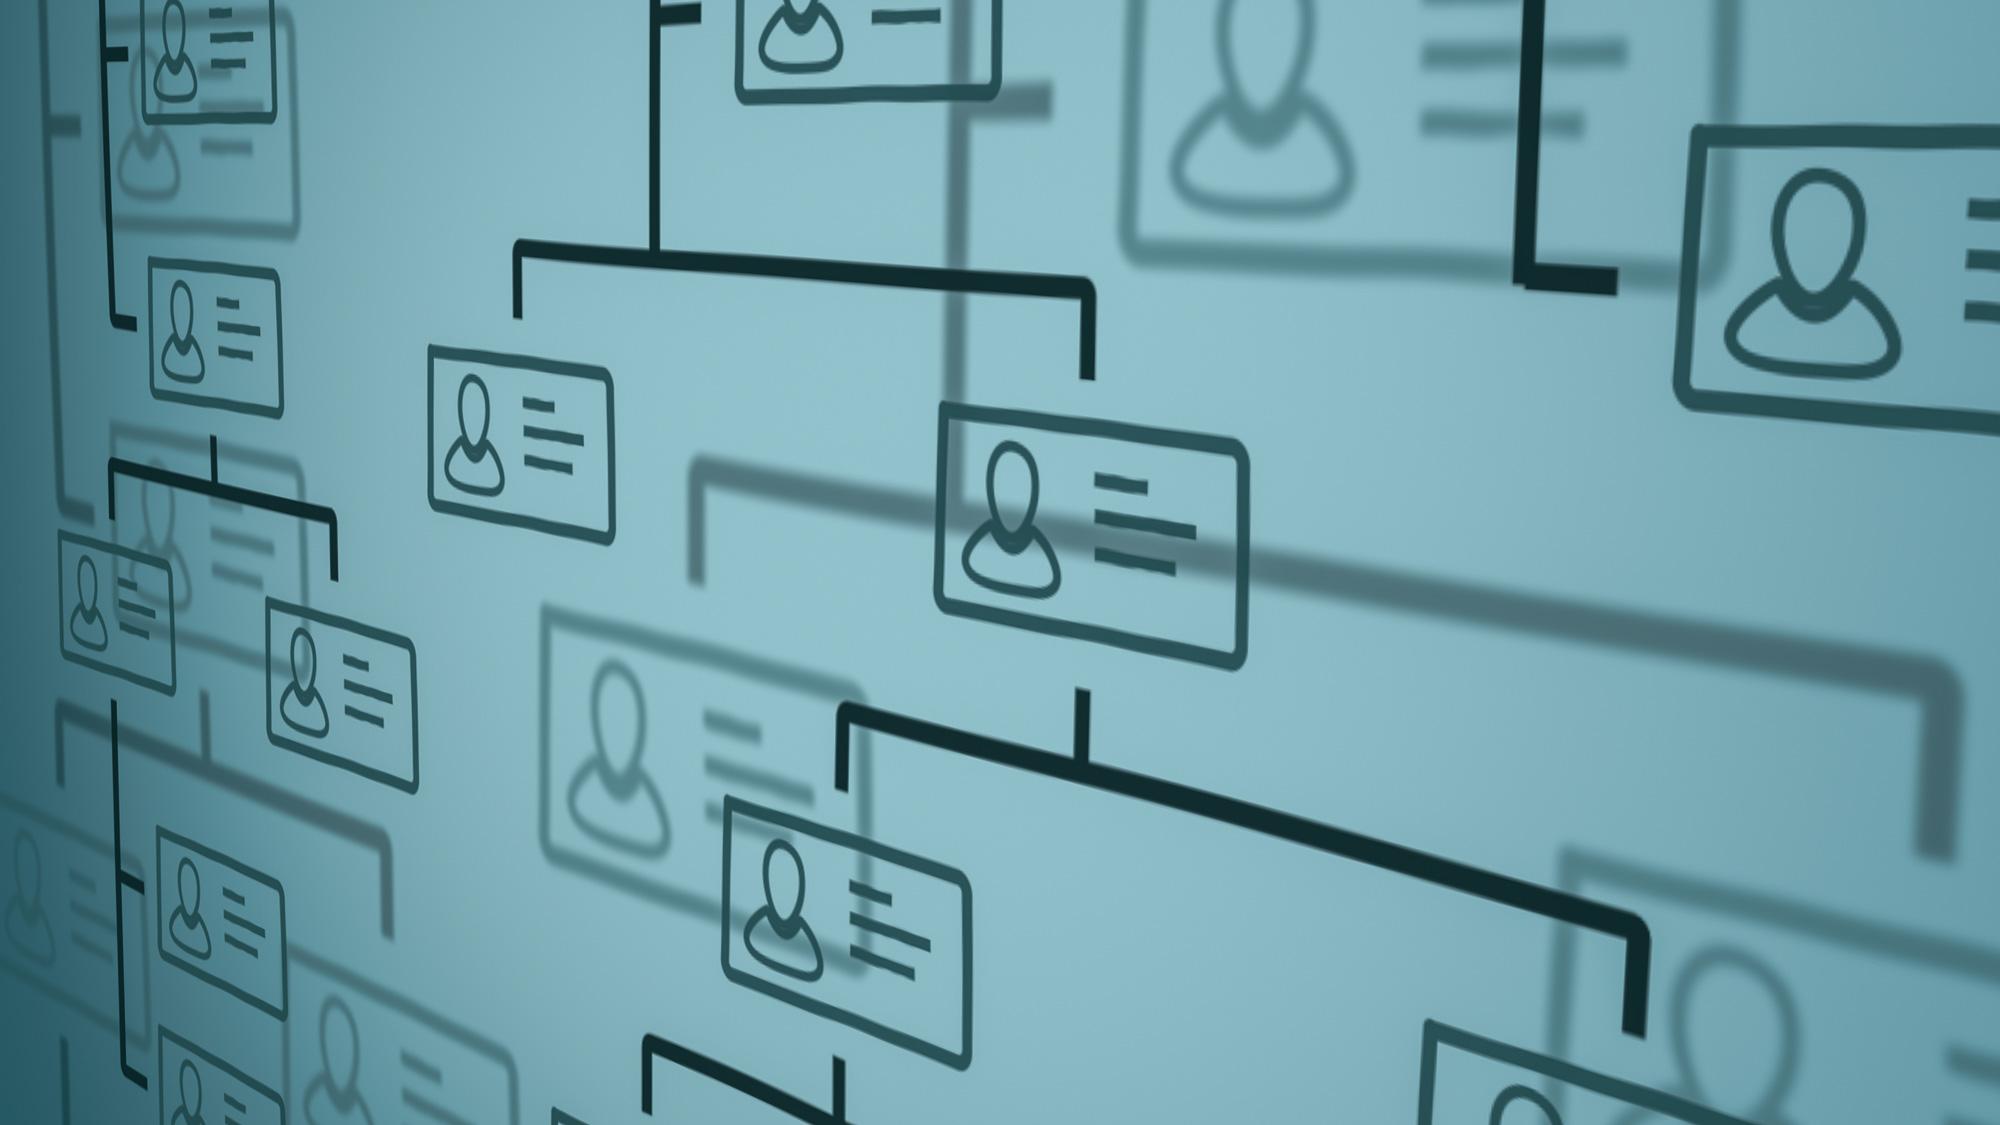 Organize - Management Consultant